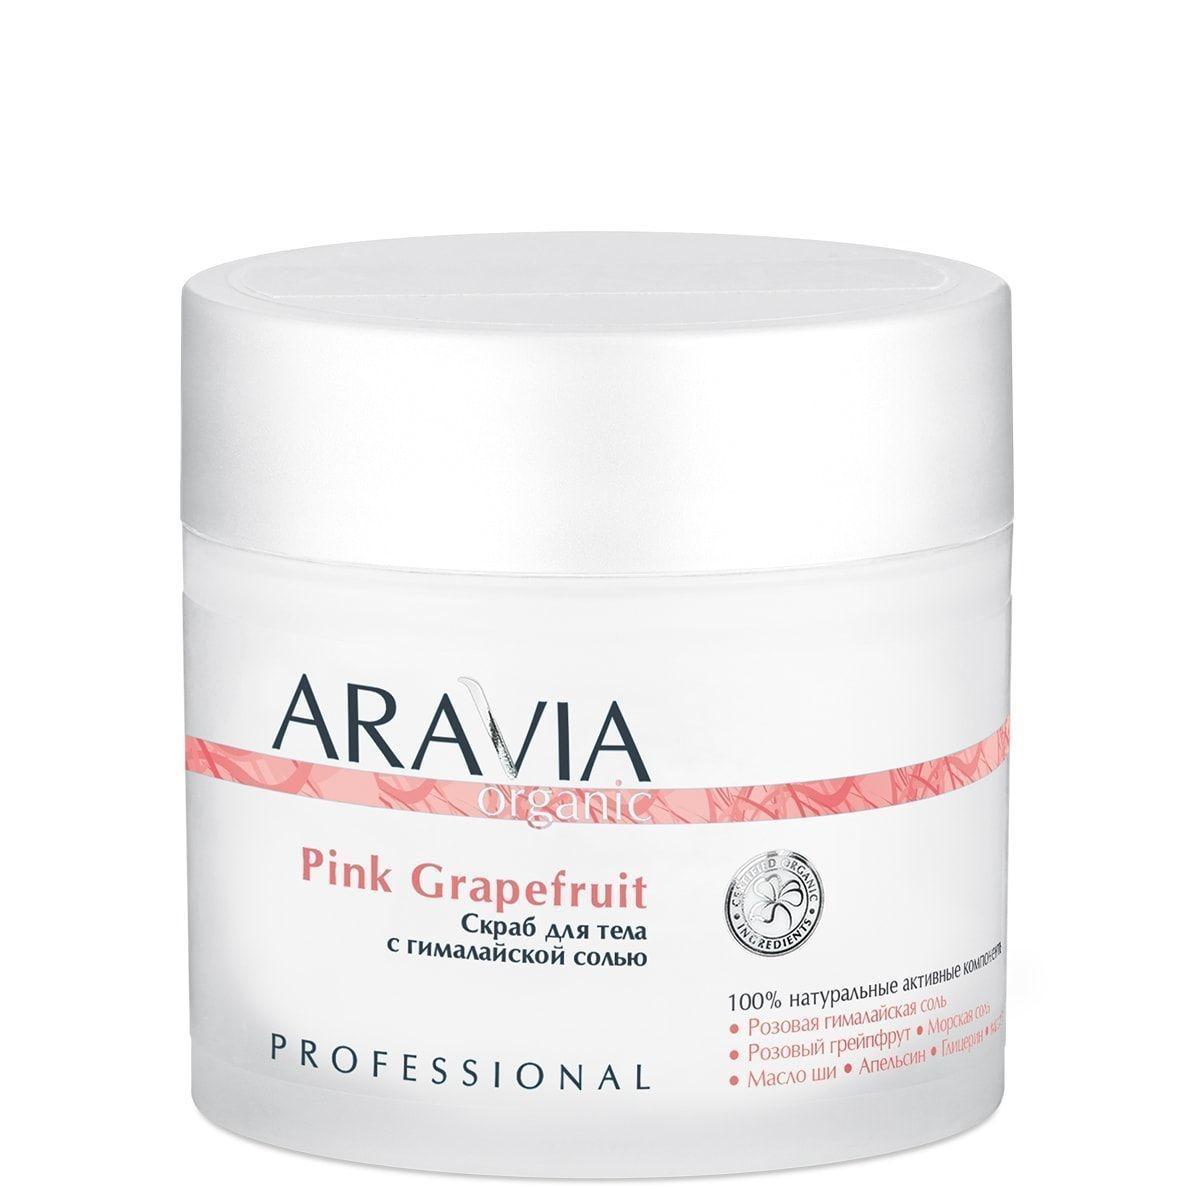 ARAVIA Скраб Organic Pink Grapefruit для Тела с Гималайской Солью, 300 мл